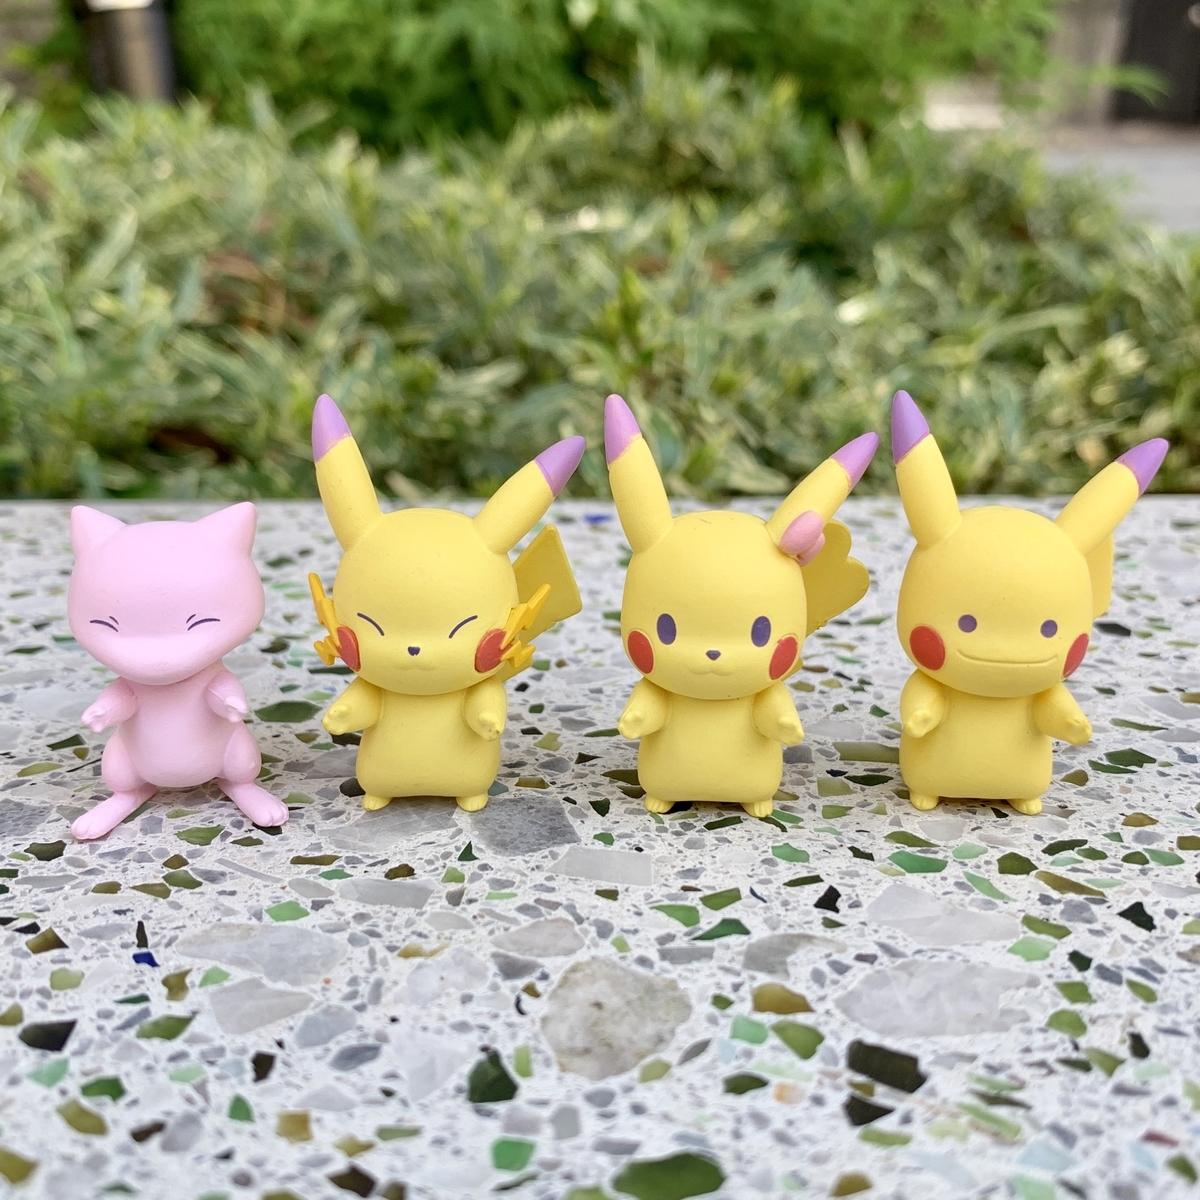 f:id:pikachu_pcn:20190527214418j:plain